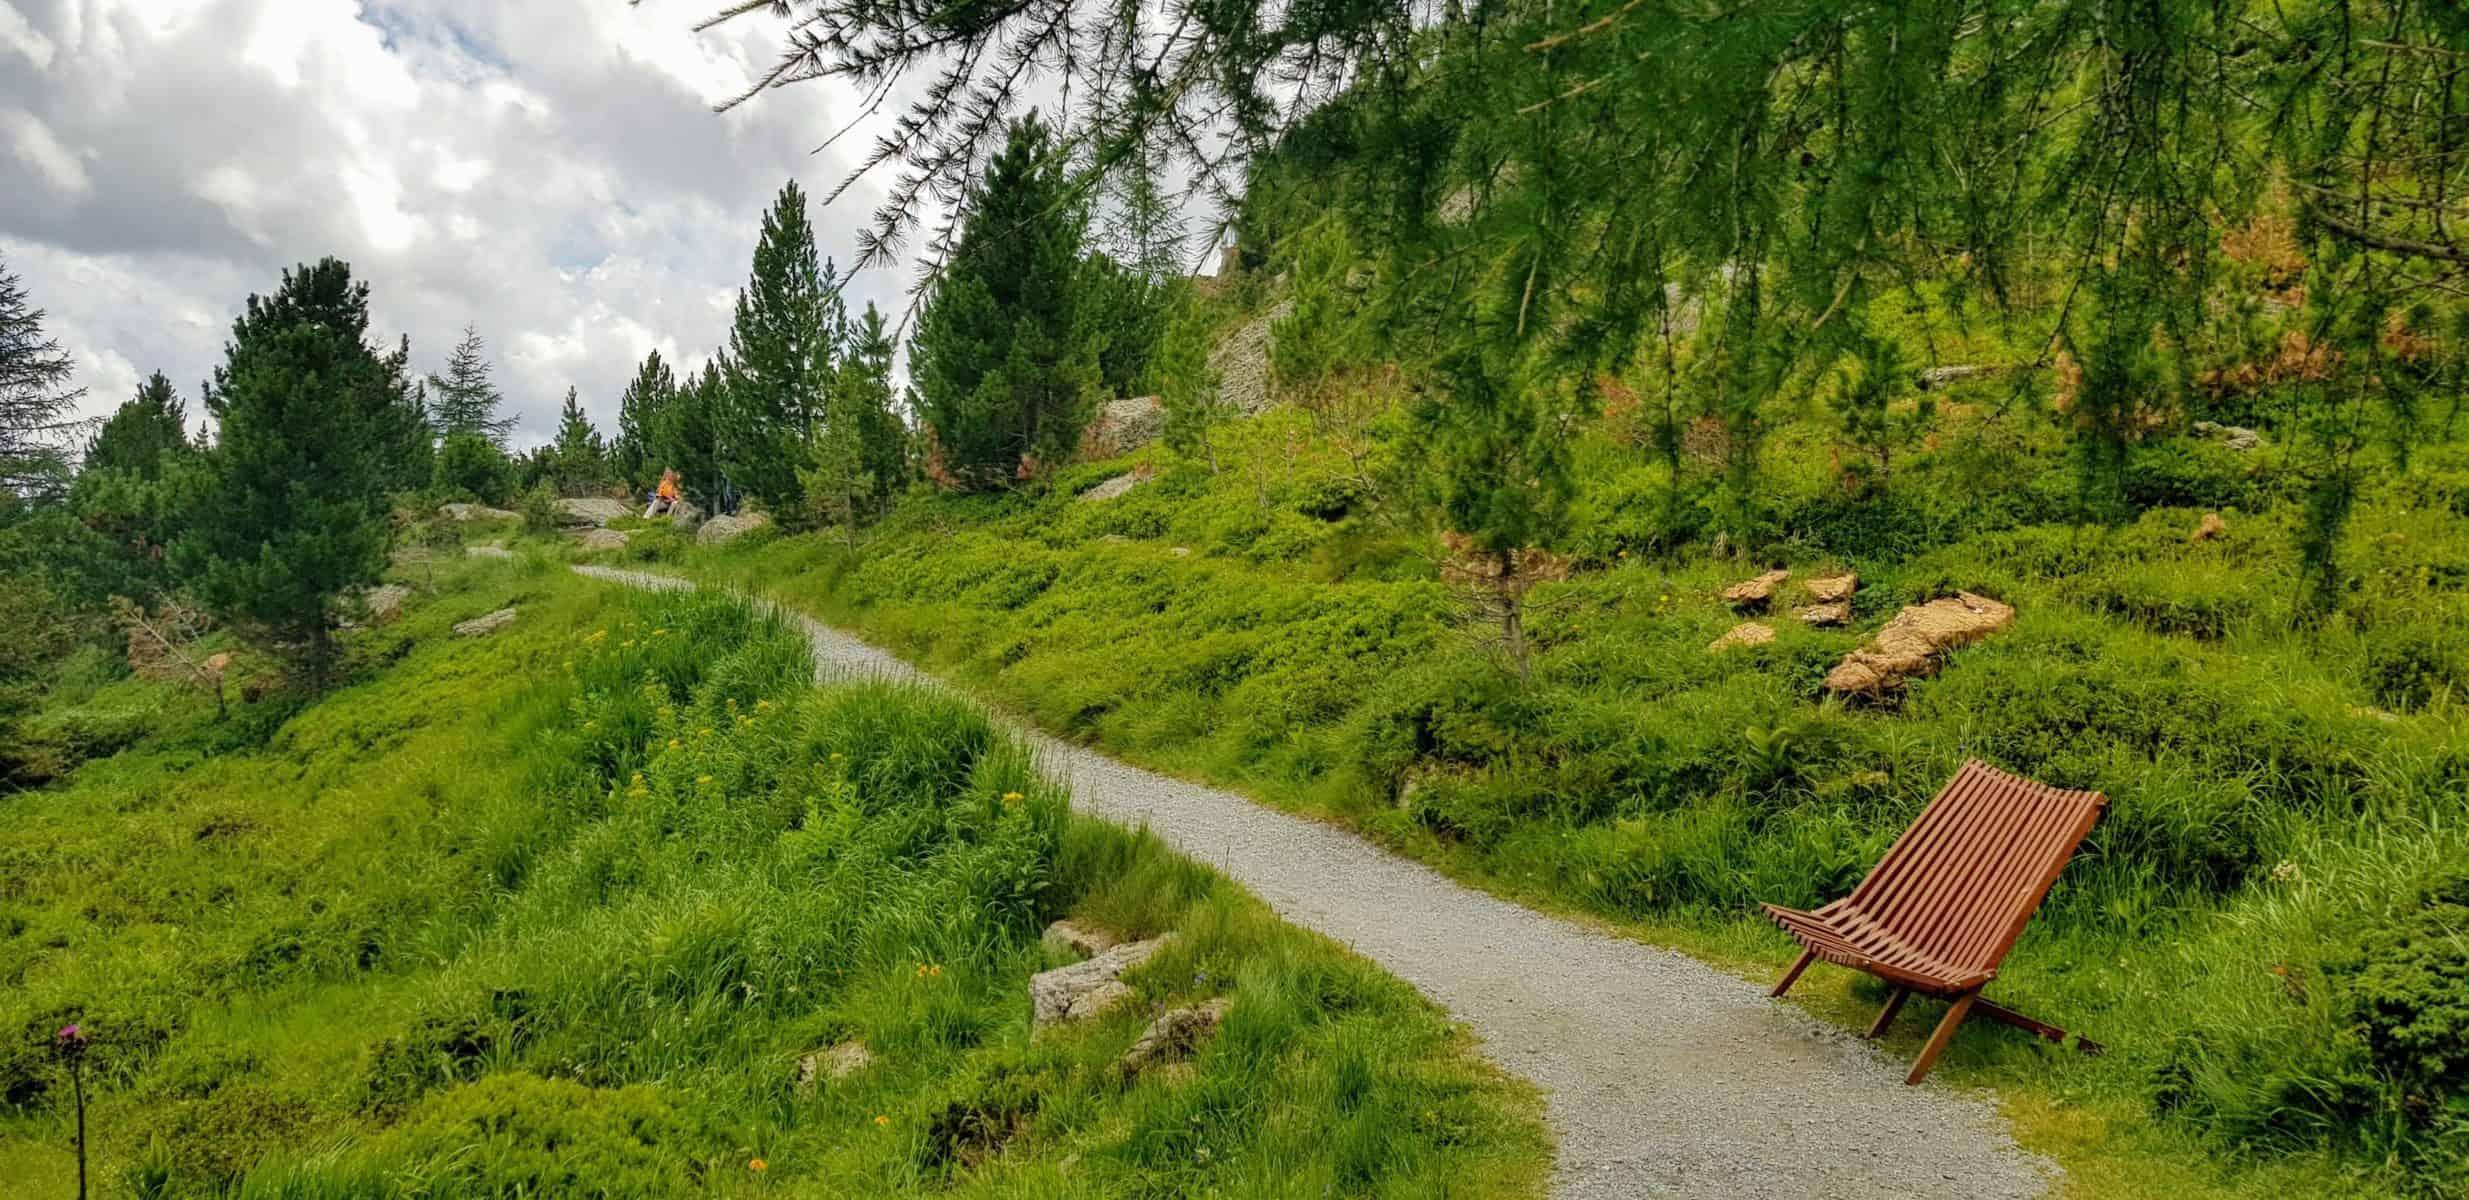 Wandern mit Kindern auf Turracher Höhe Nockys Almzeit Rundwanderweg mit Kinderwagen befahrbar - Familienausflugsziel auf der Turrach